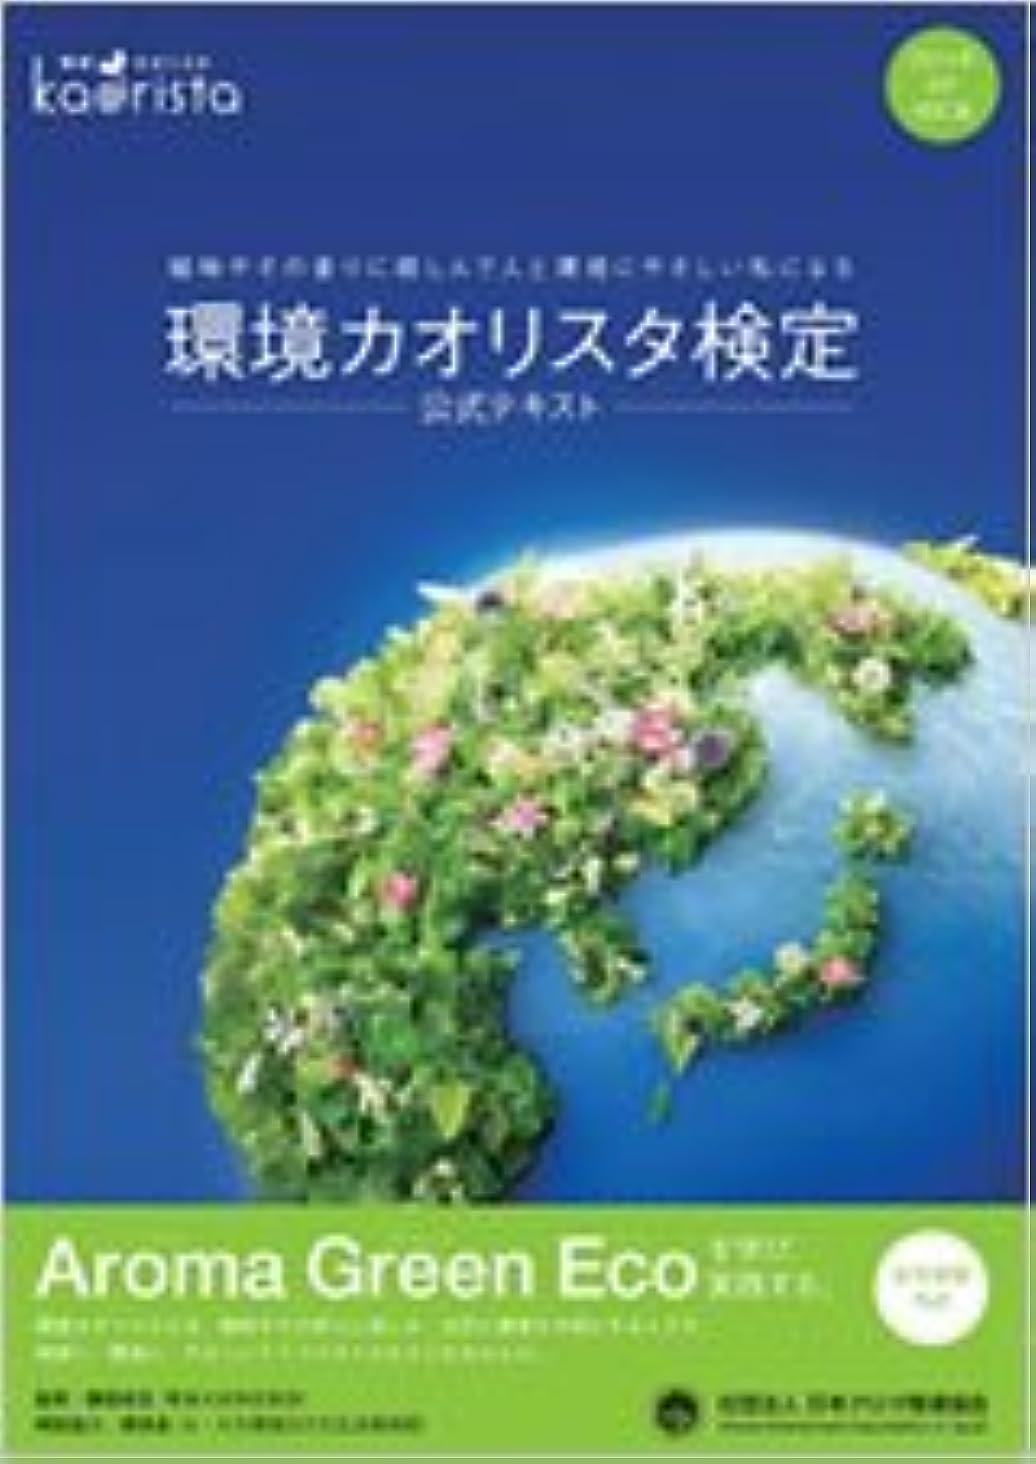 アーカイブ脳モザイク環境カオリスタ検定公式テキスト 2011年6月改訂版